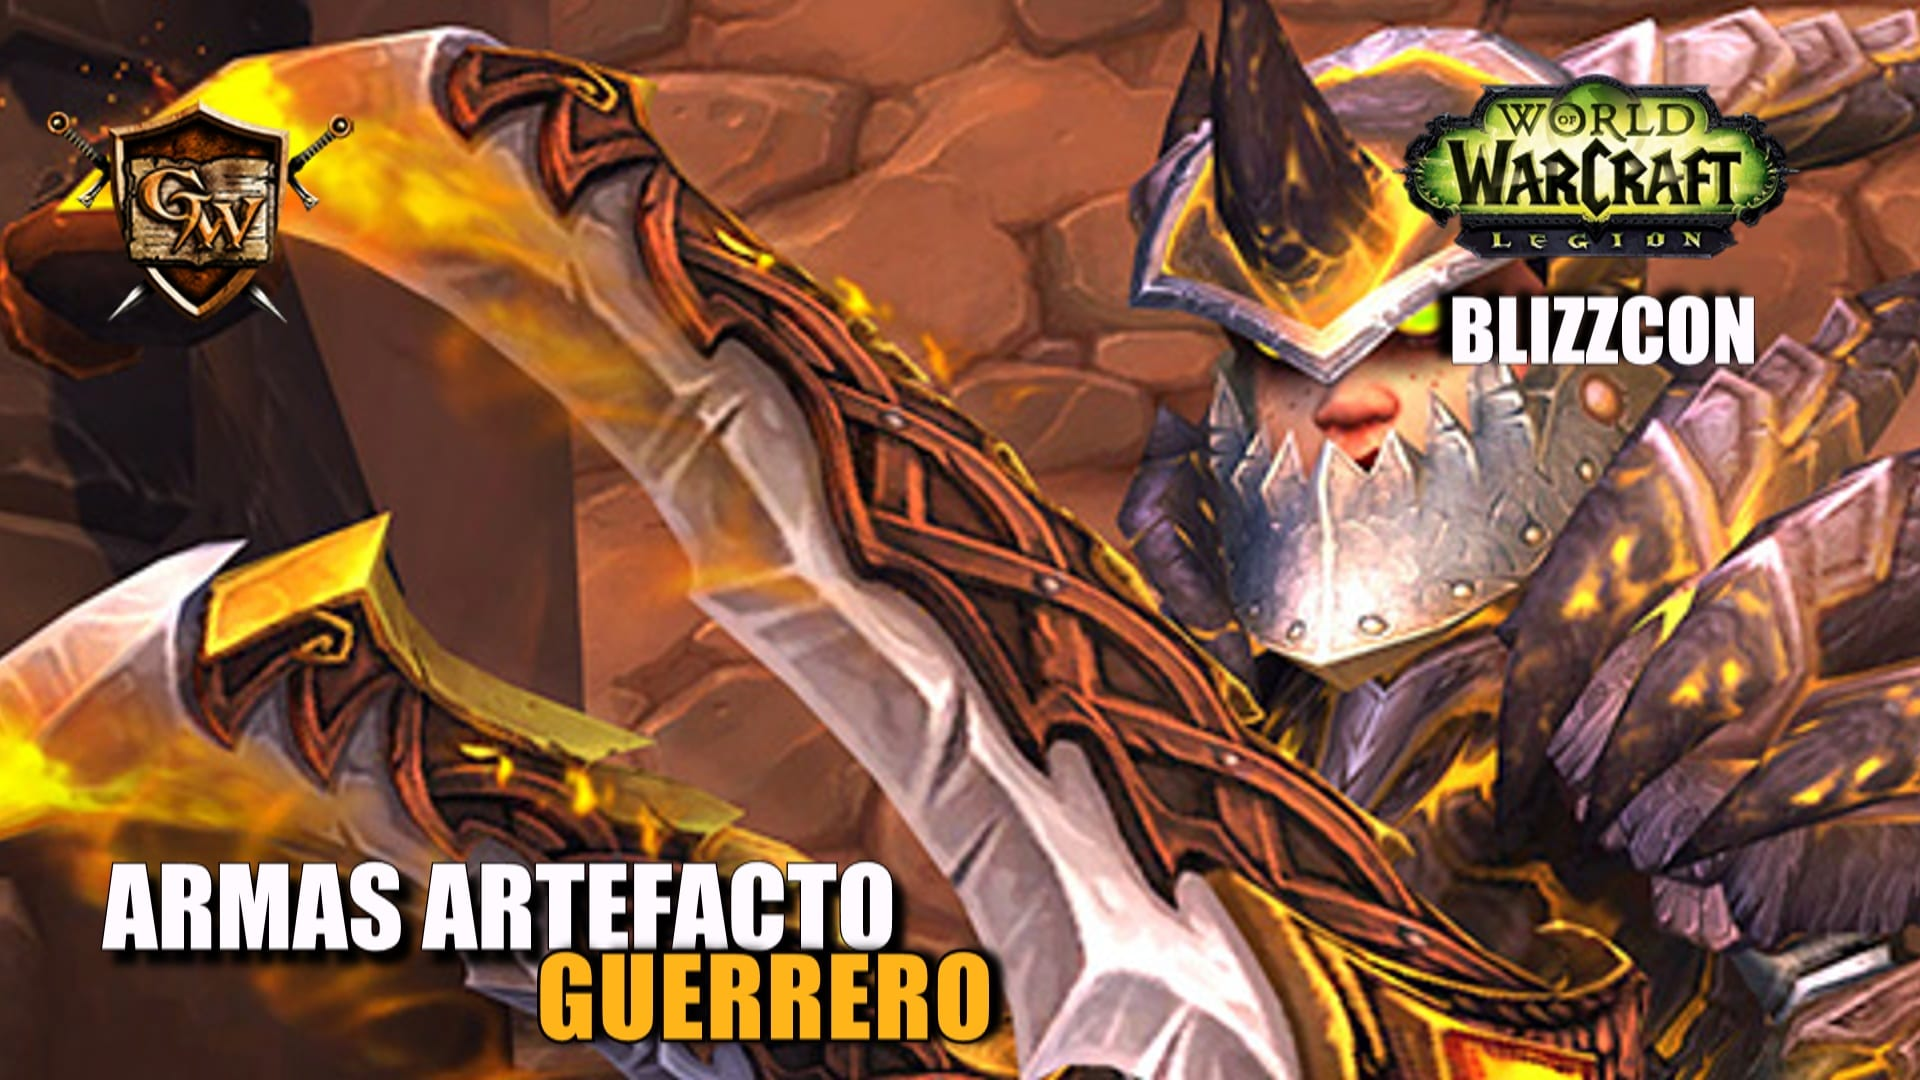 Armas artefacto: Guerrero